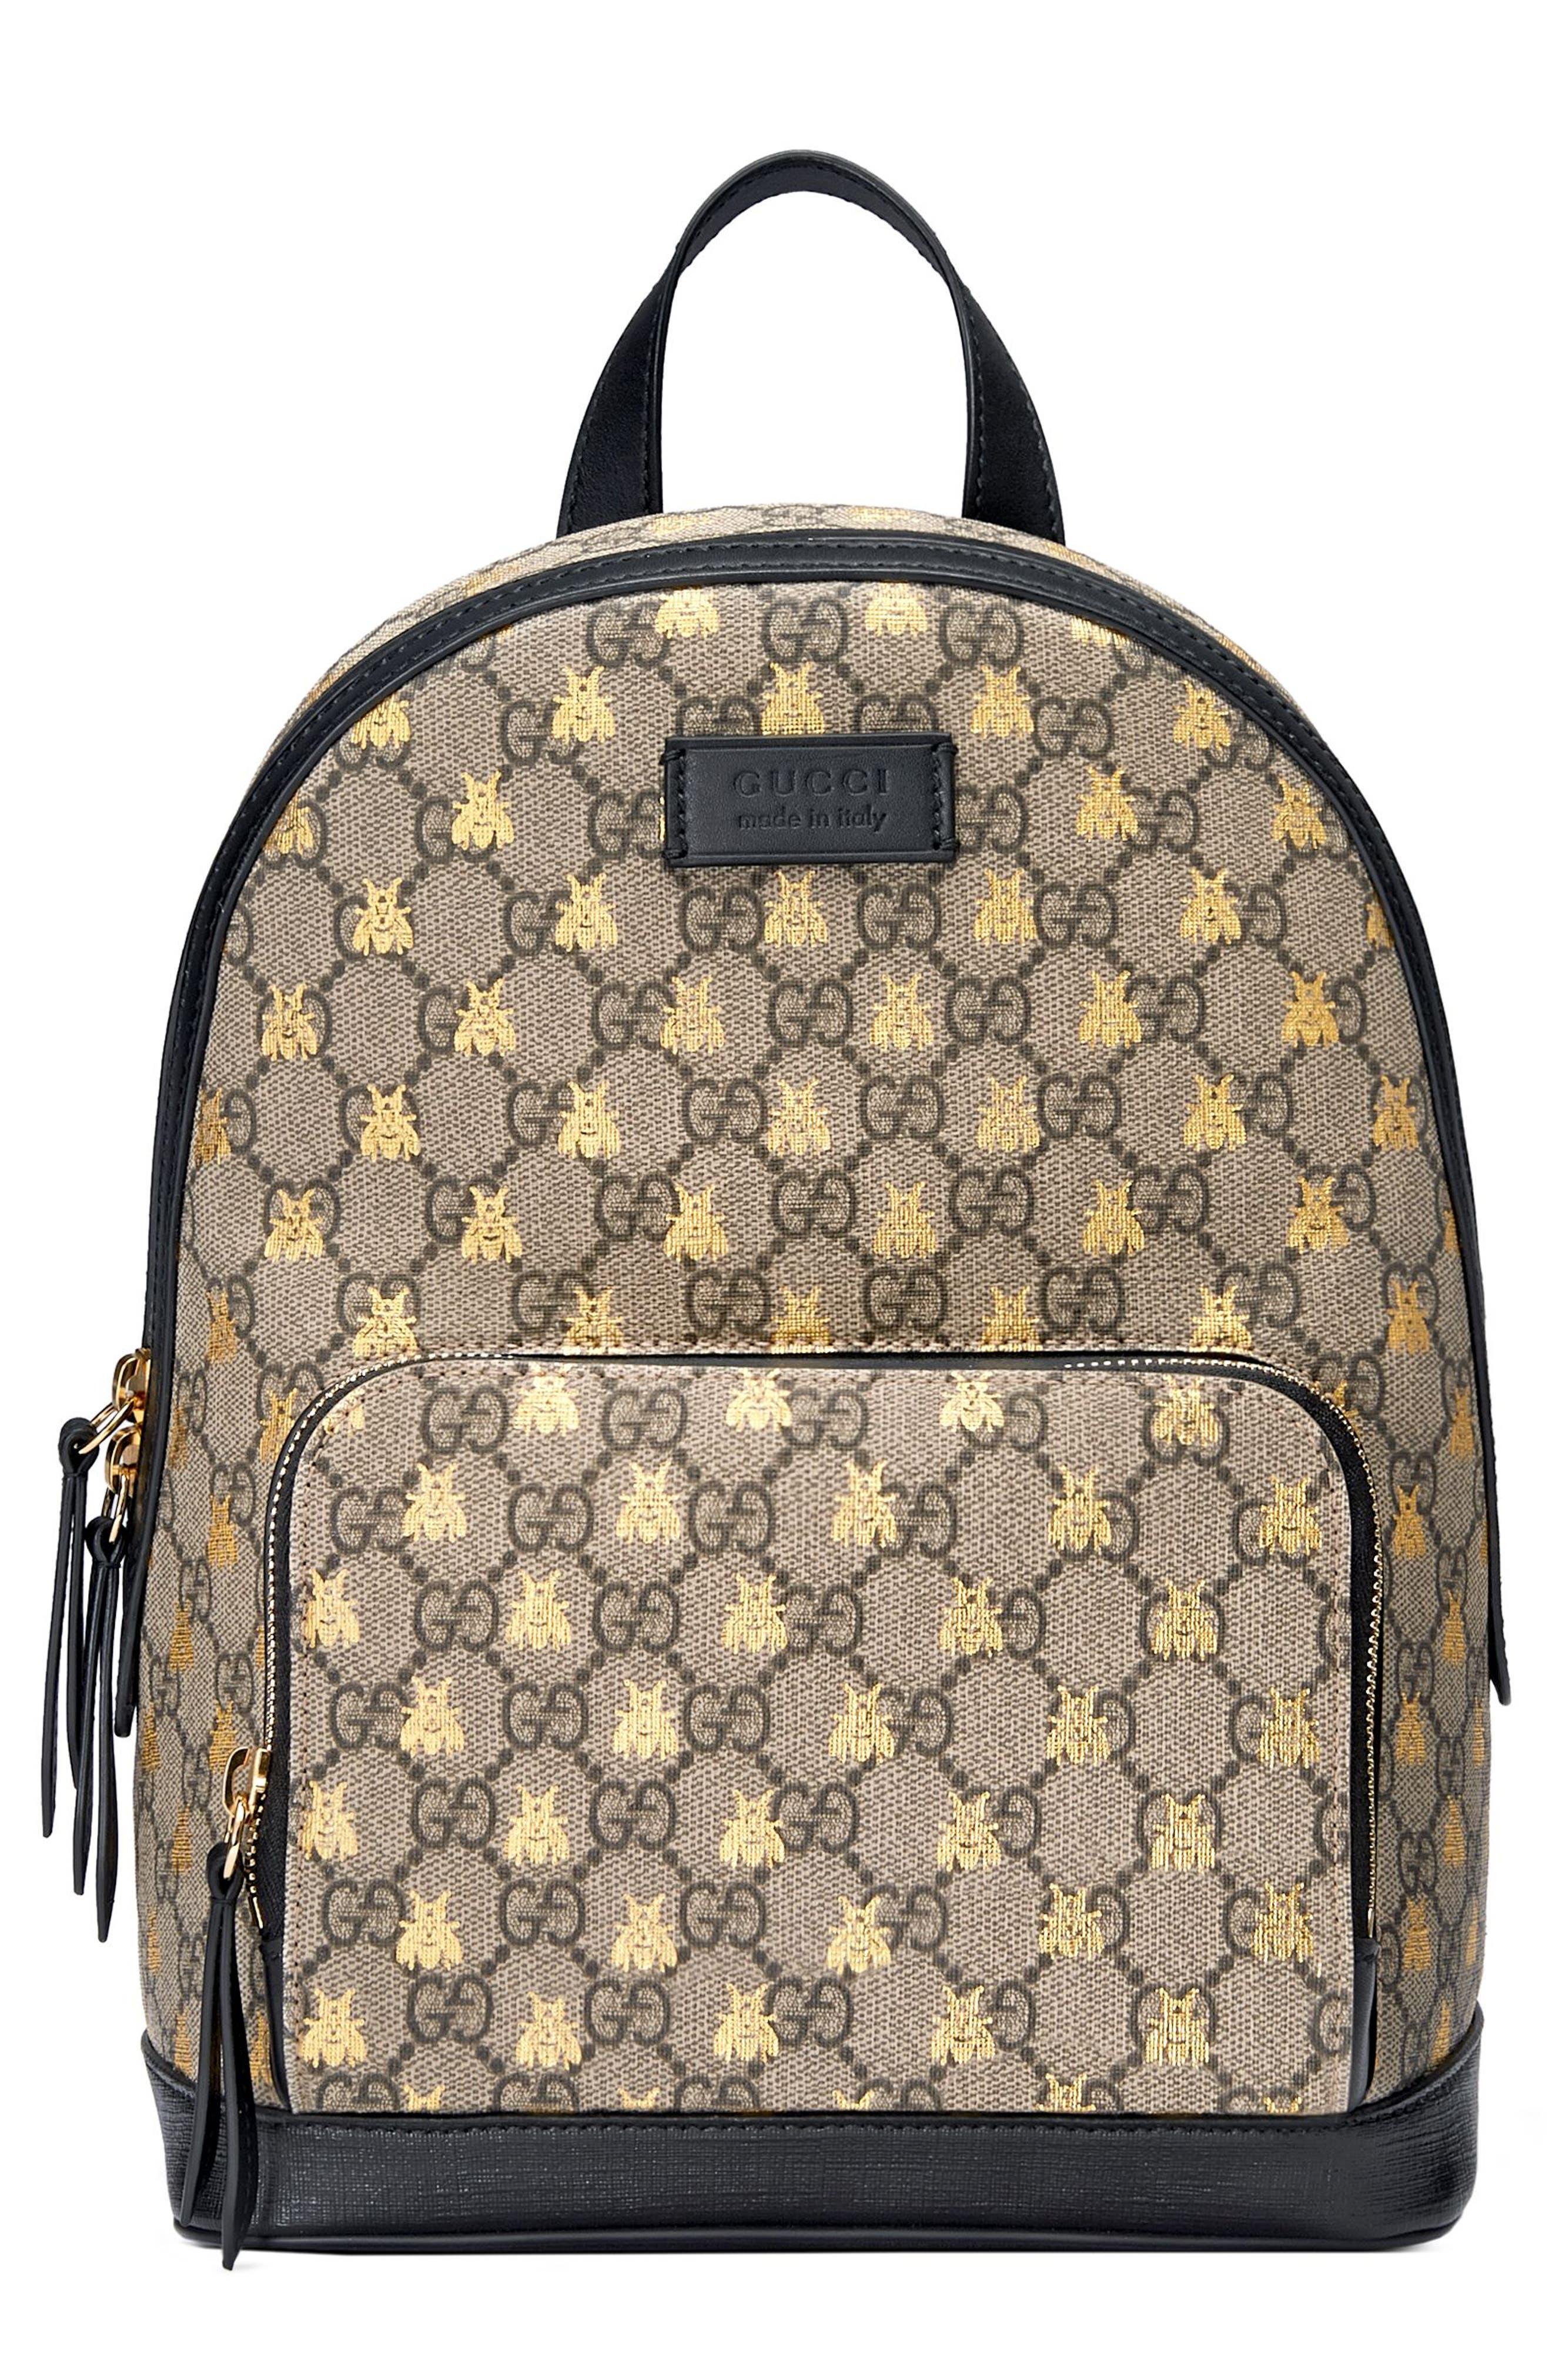 8c173b15d41 Women s Gucci Backpacks